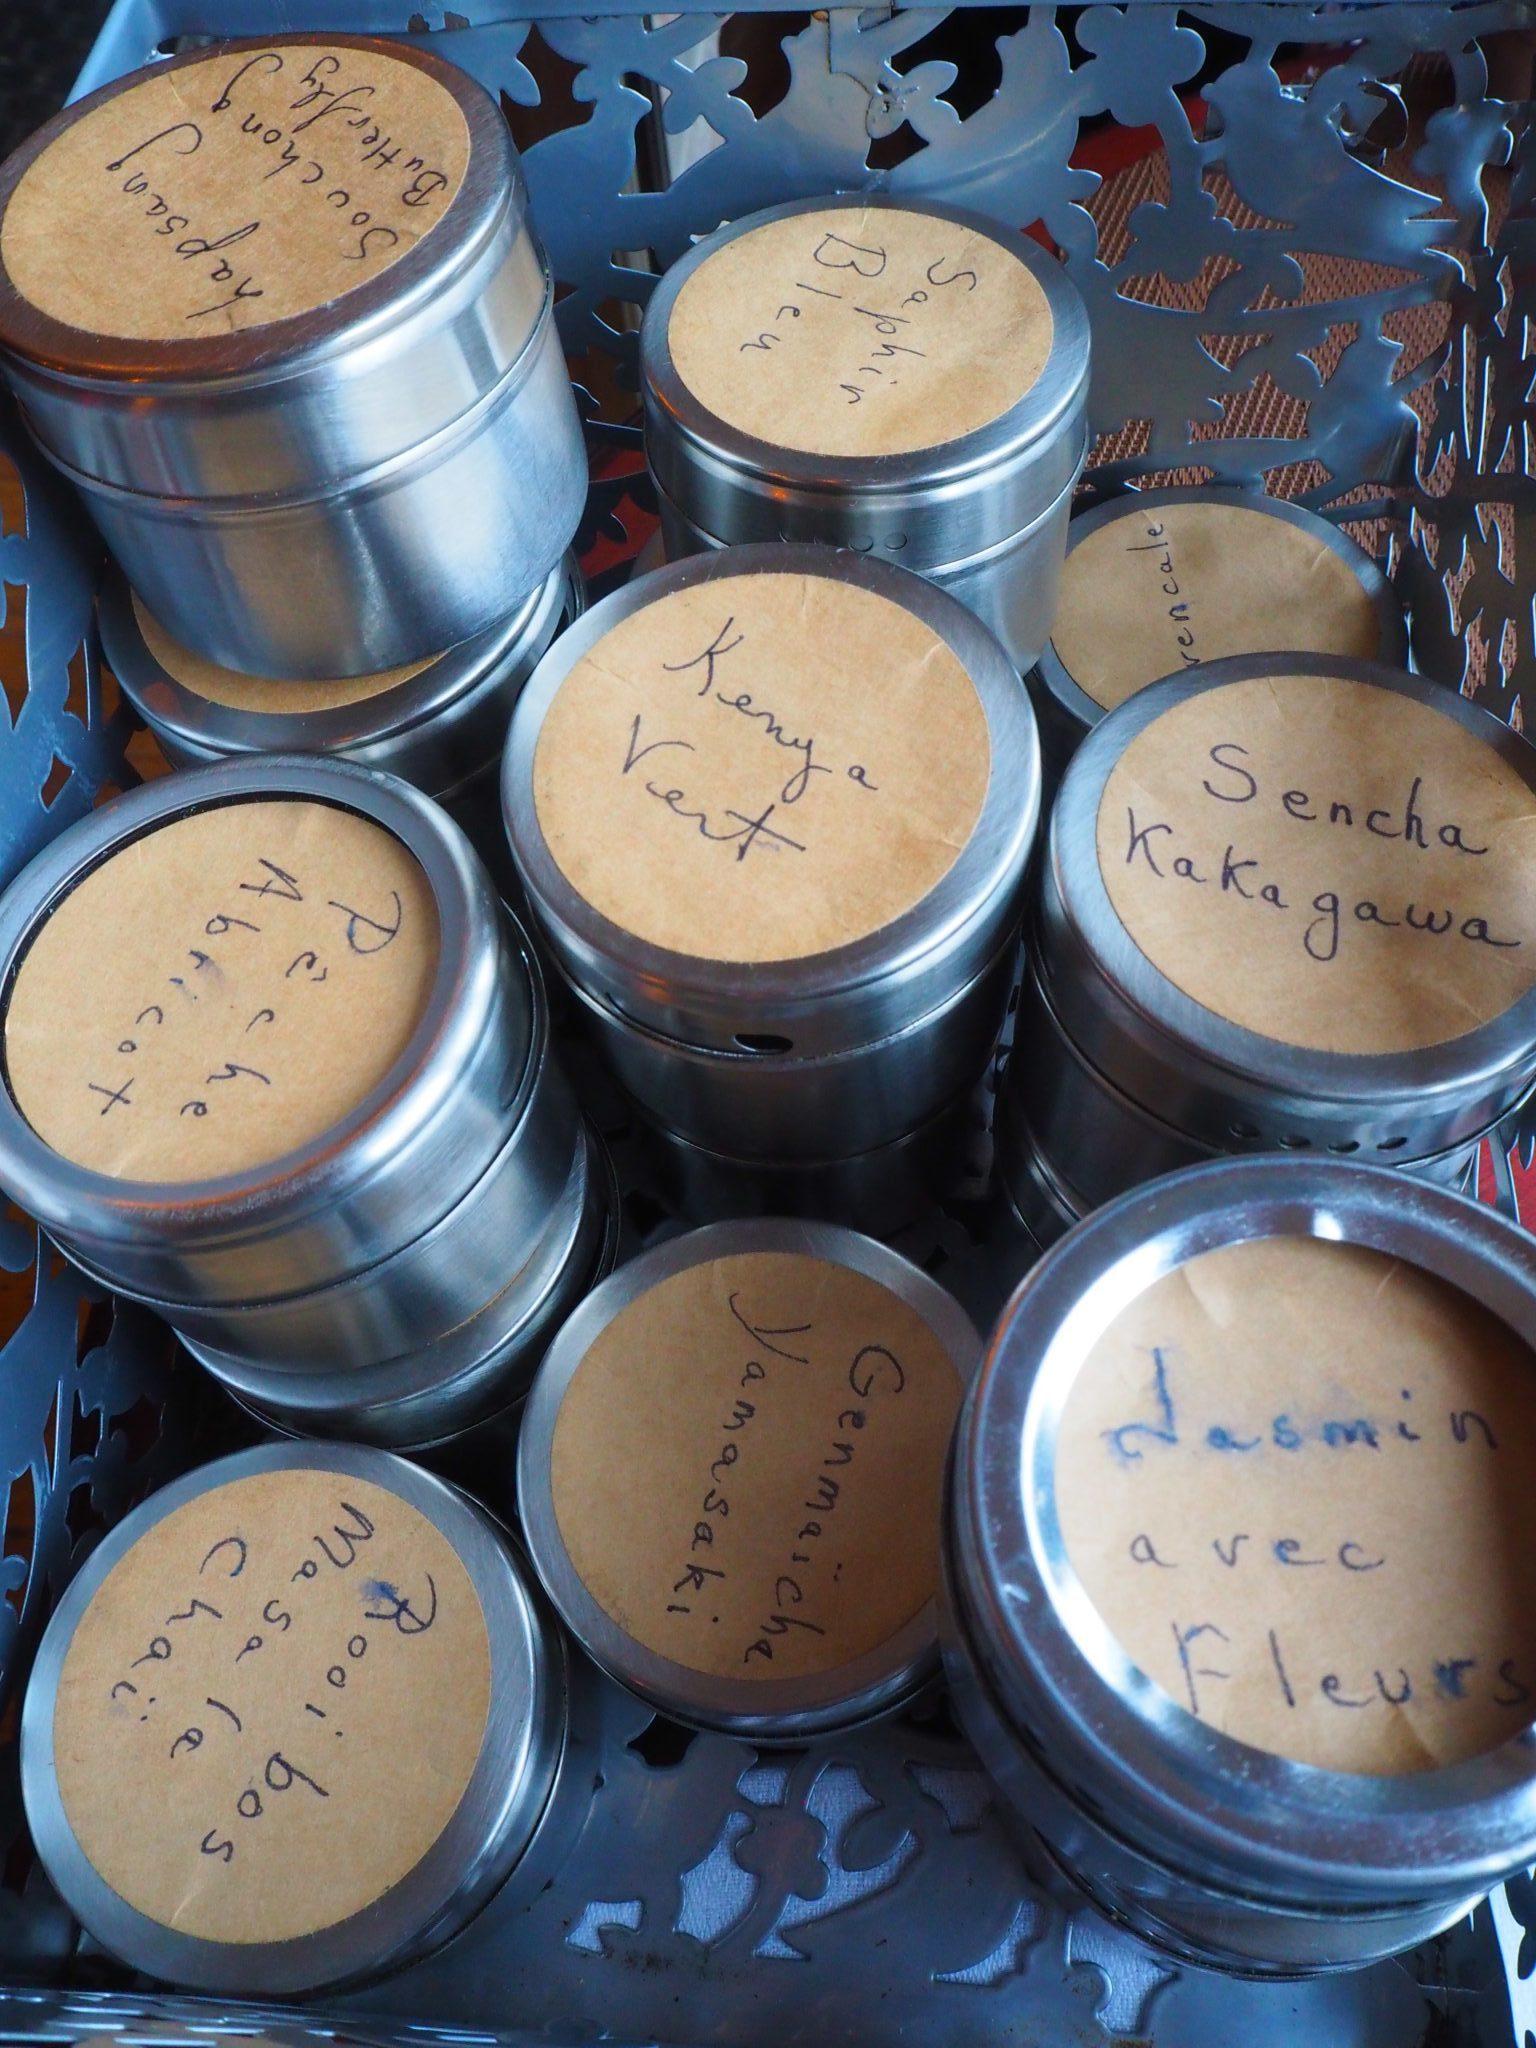 Metal tea boxes / Boîtes à thé métalliques - Afternoon Tea at Le Parloir tea room / Afternoon Tea au Salon de Thé Le Parloir